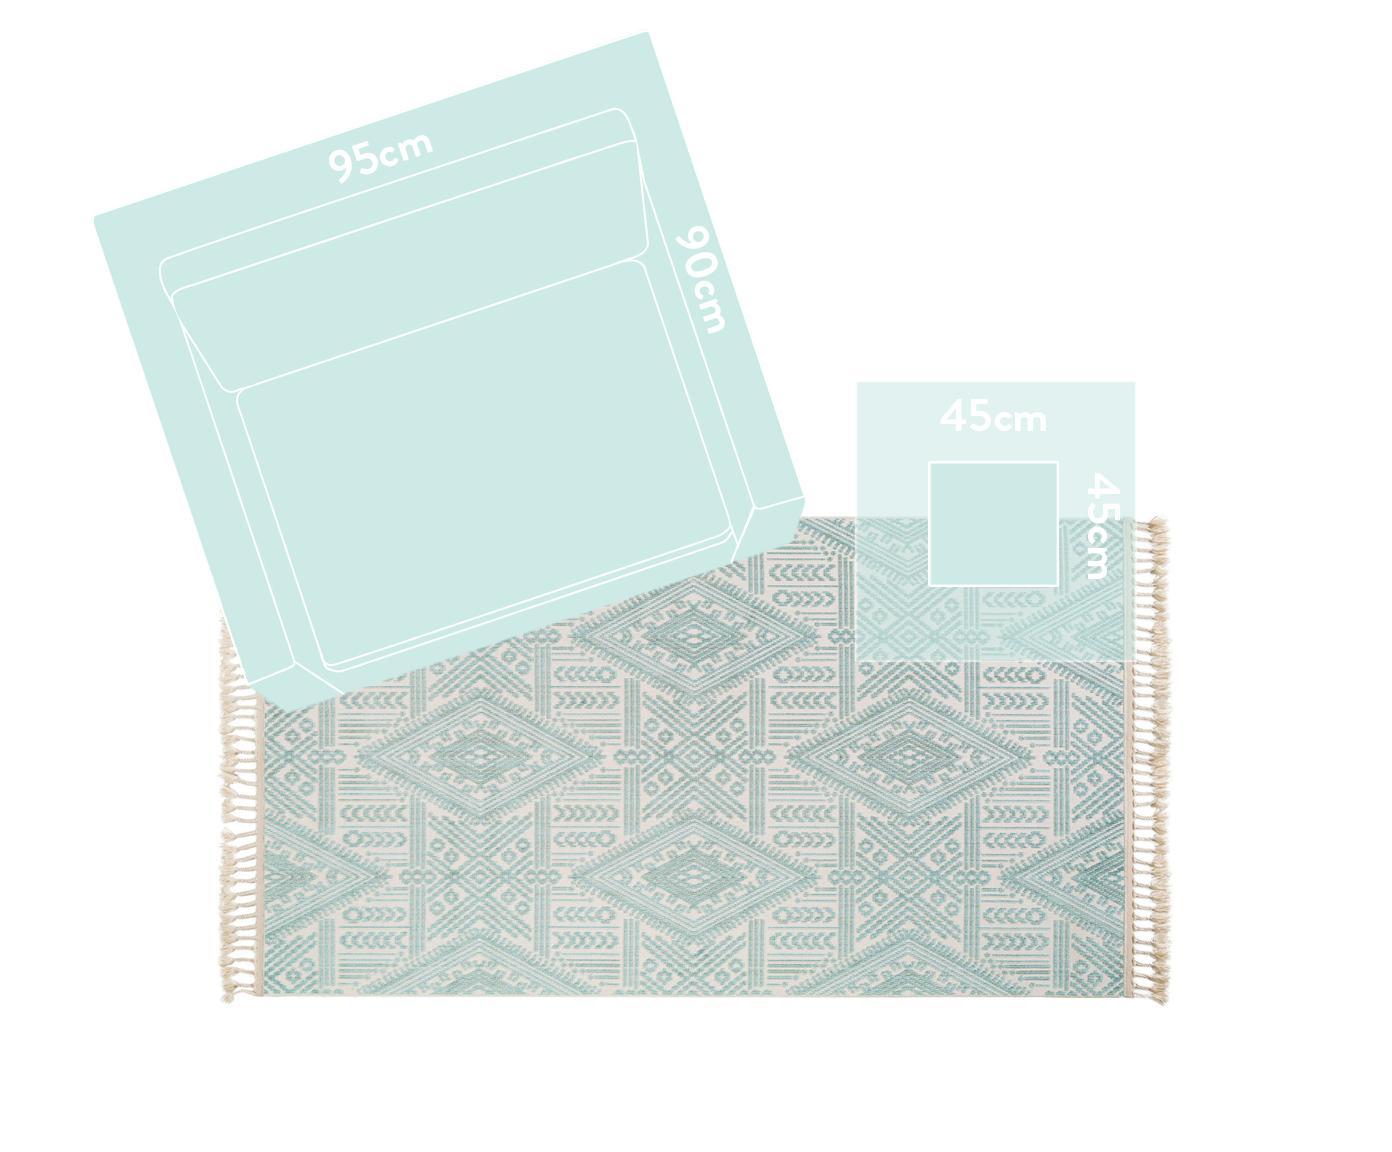 Teppich Laila Tang mit Hoch-Tief-Effekt in Türkis und Creme, Flor: Polyester, Cremefarben, Türkis, B 230 x L 340 cm (Größe L)